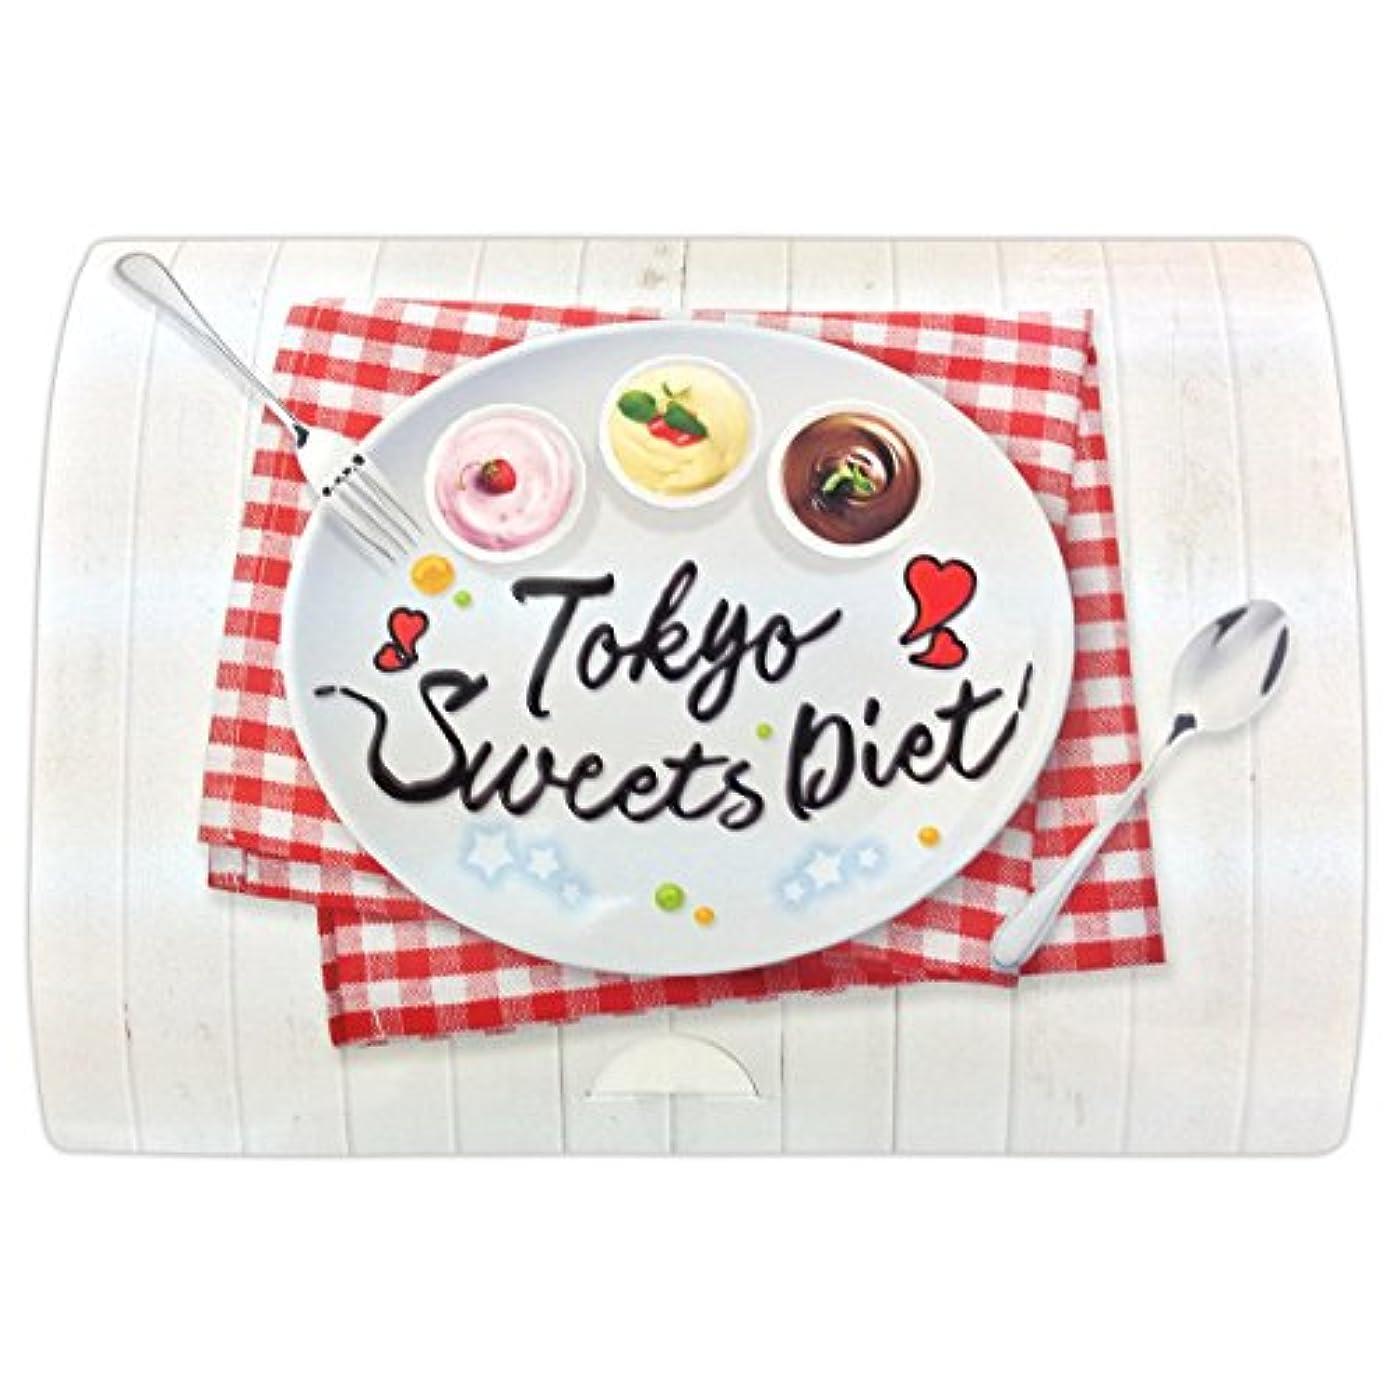 チャーターヒューズスカルクIDEA TOKYOスイーツダイエット 置き換えダイエットスイーツ 15食(1包:15g) ストロベリー味 チョコレート味 プリン味